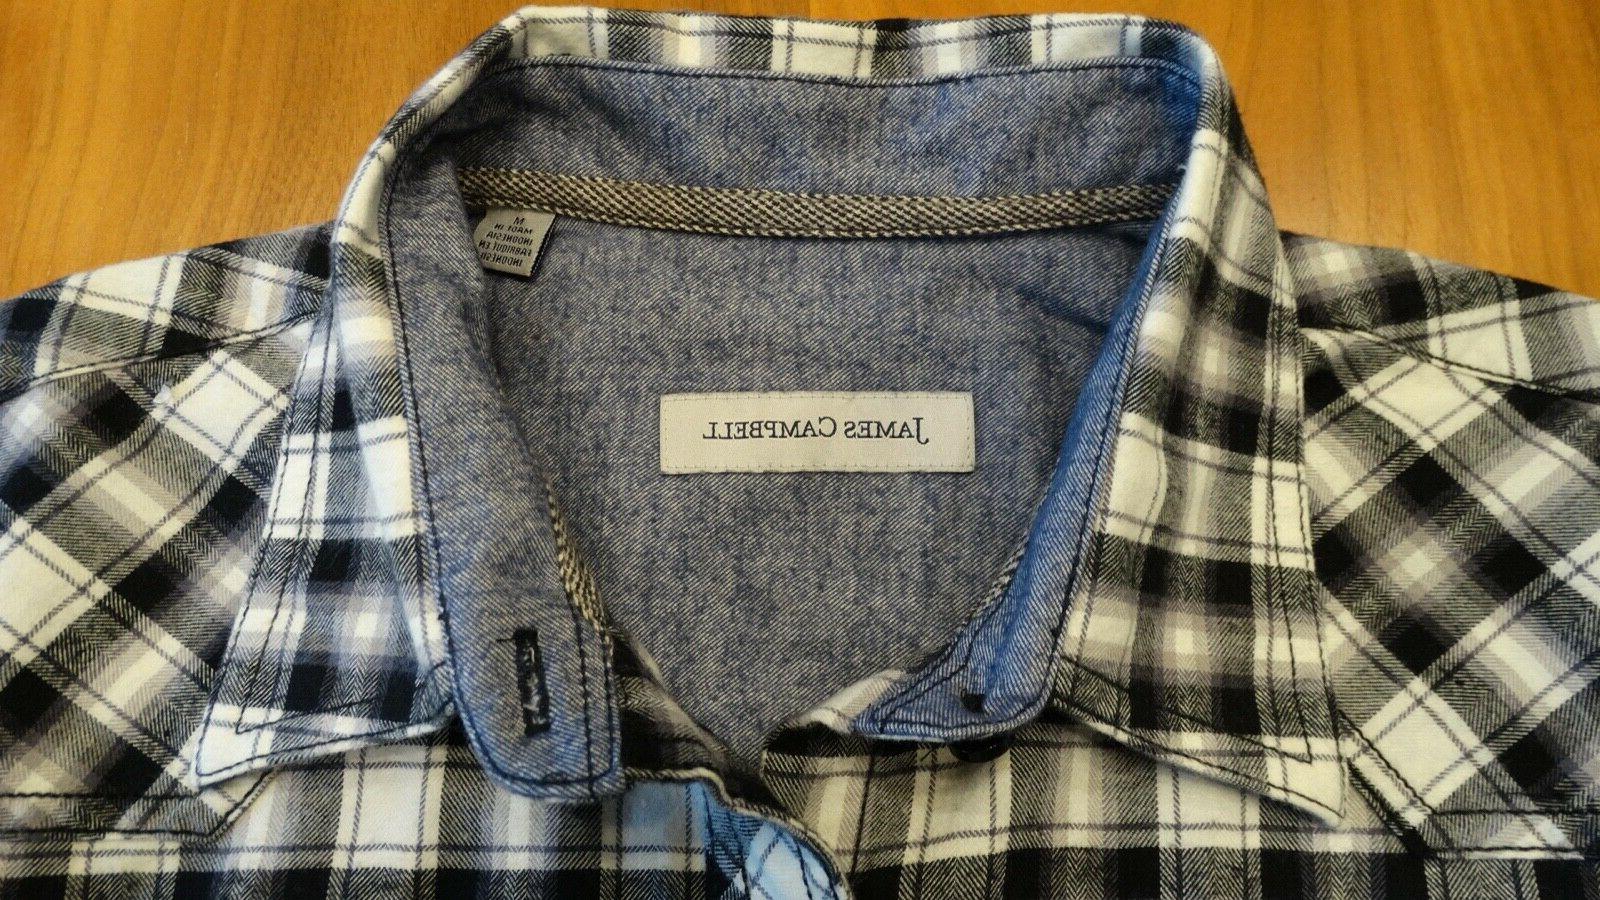 James Men's Flannel Shirts | Medium Brand New Worn |